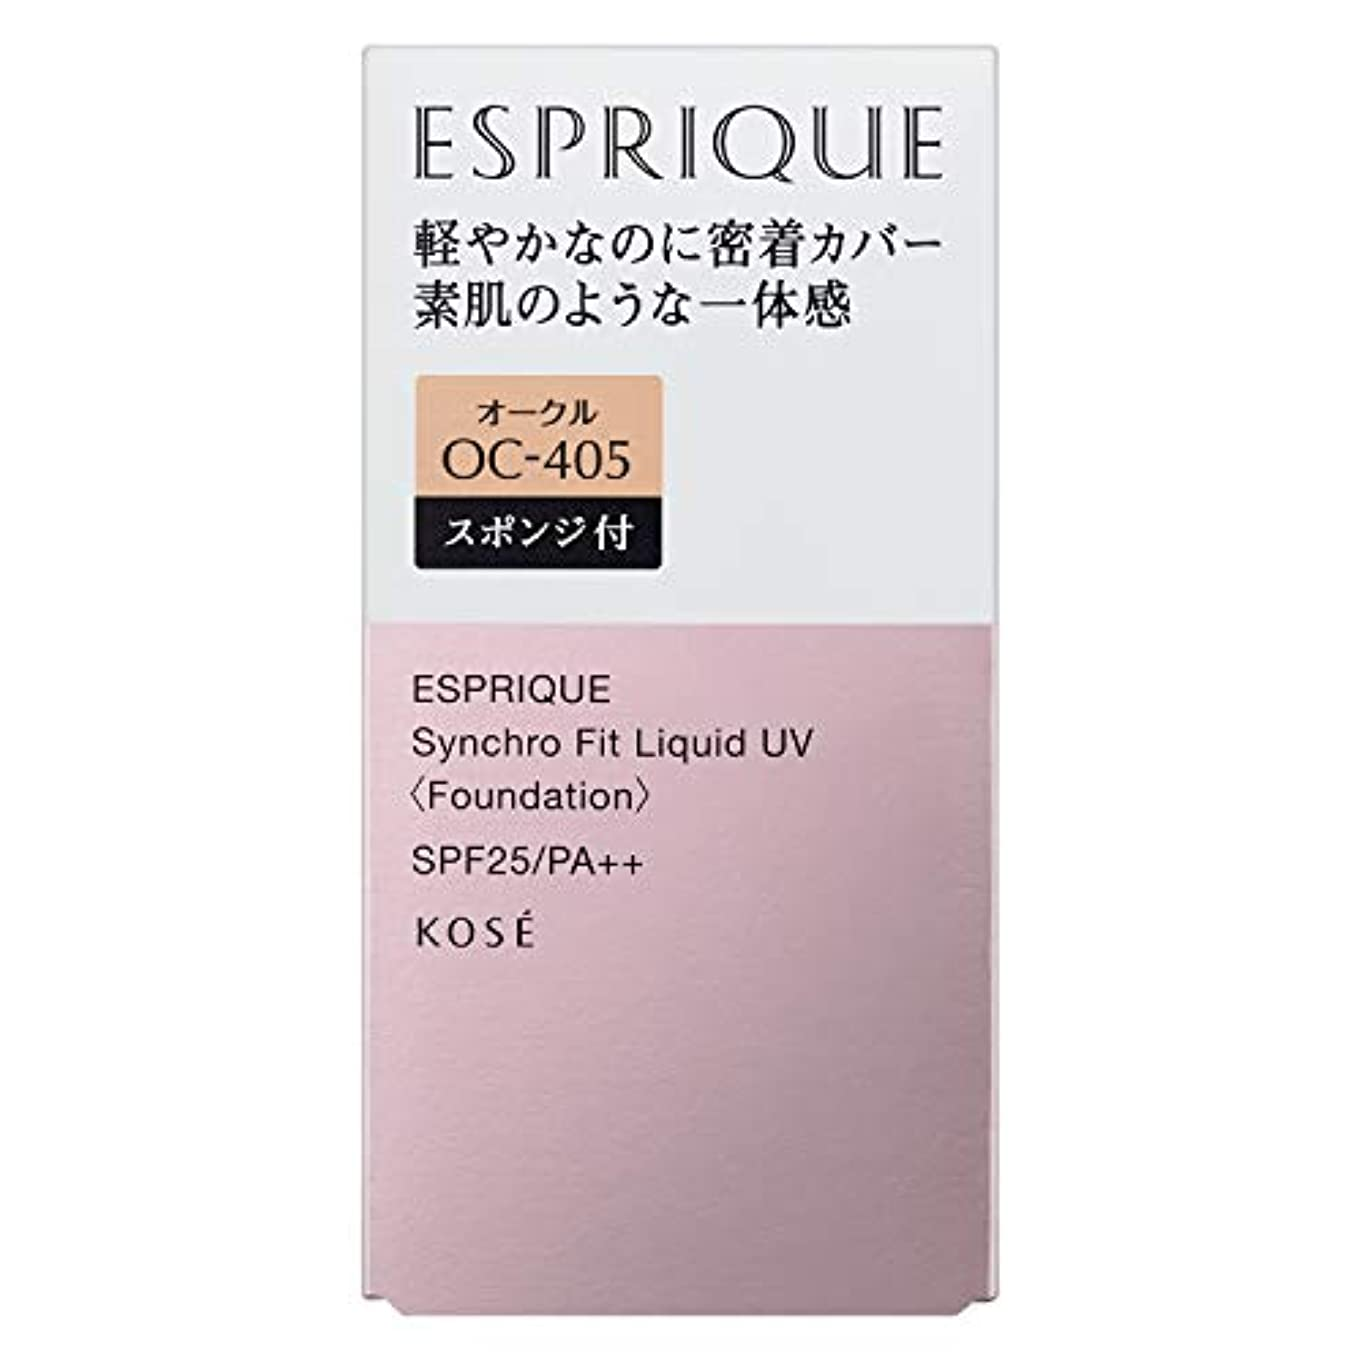 エージェントペデスタル作詞家ESPRIQUE(エスプリーク) エスプリーク シンクロフィット リキッド UV ファンデーション 無香料 OC-405 オークル 30g